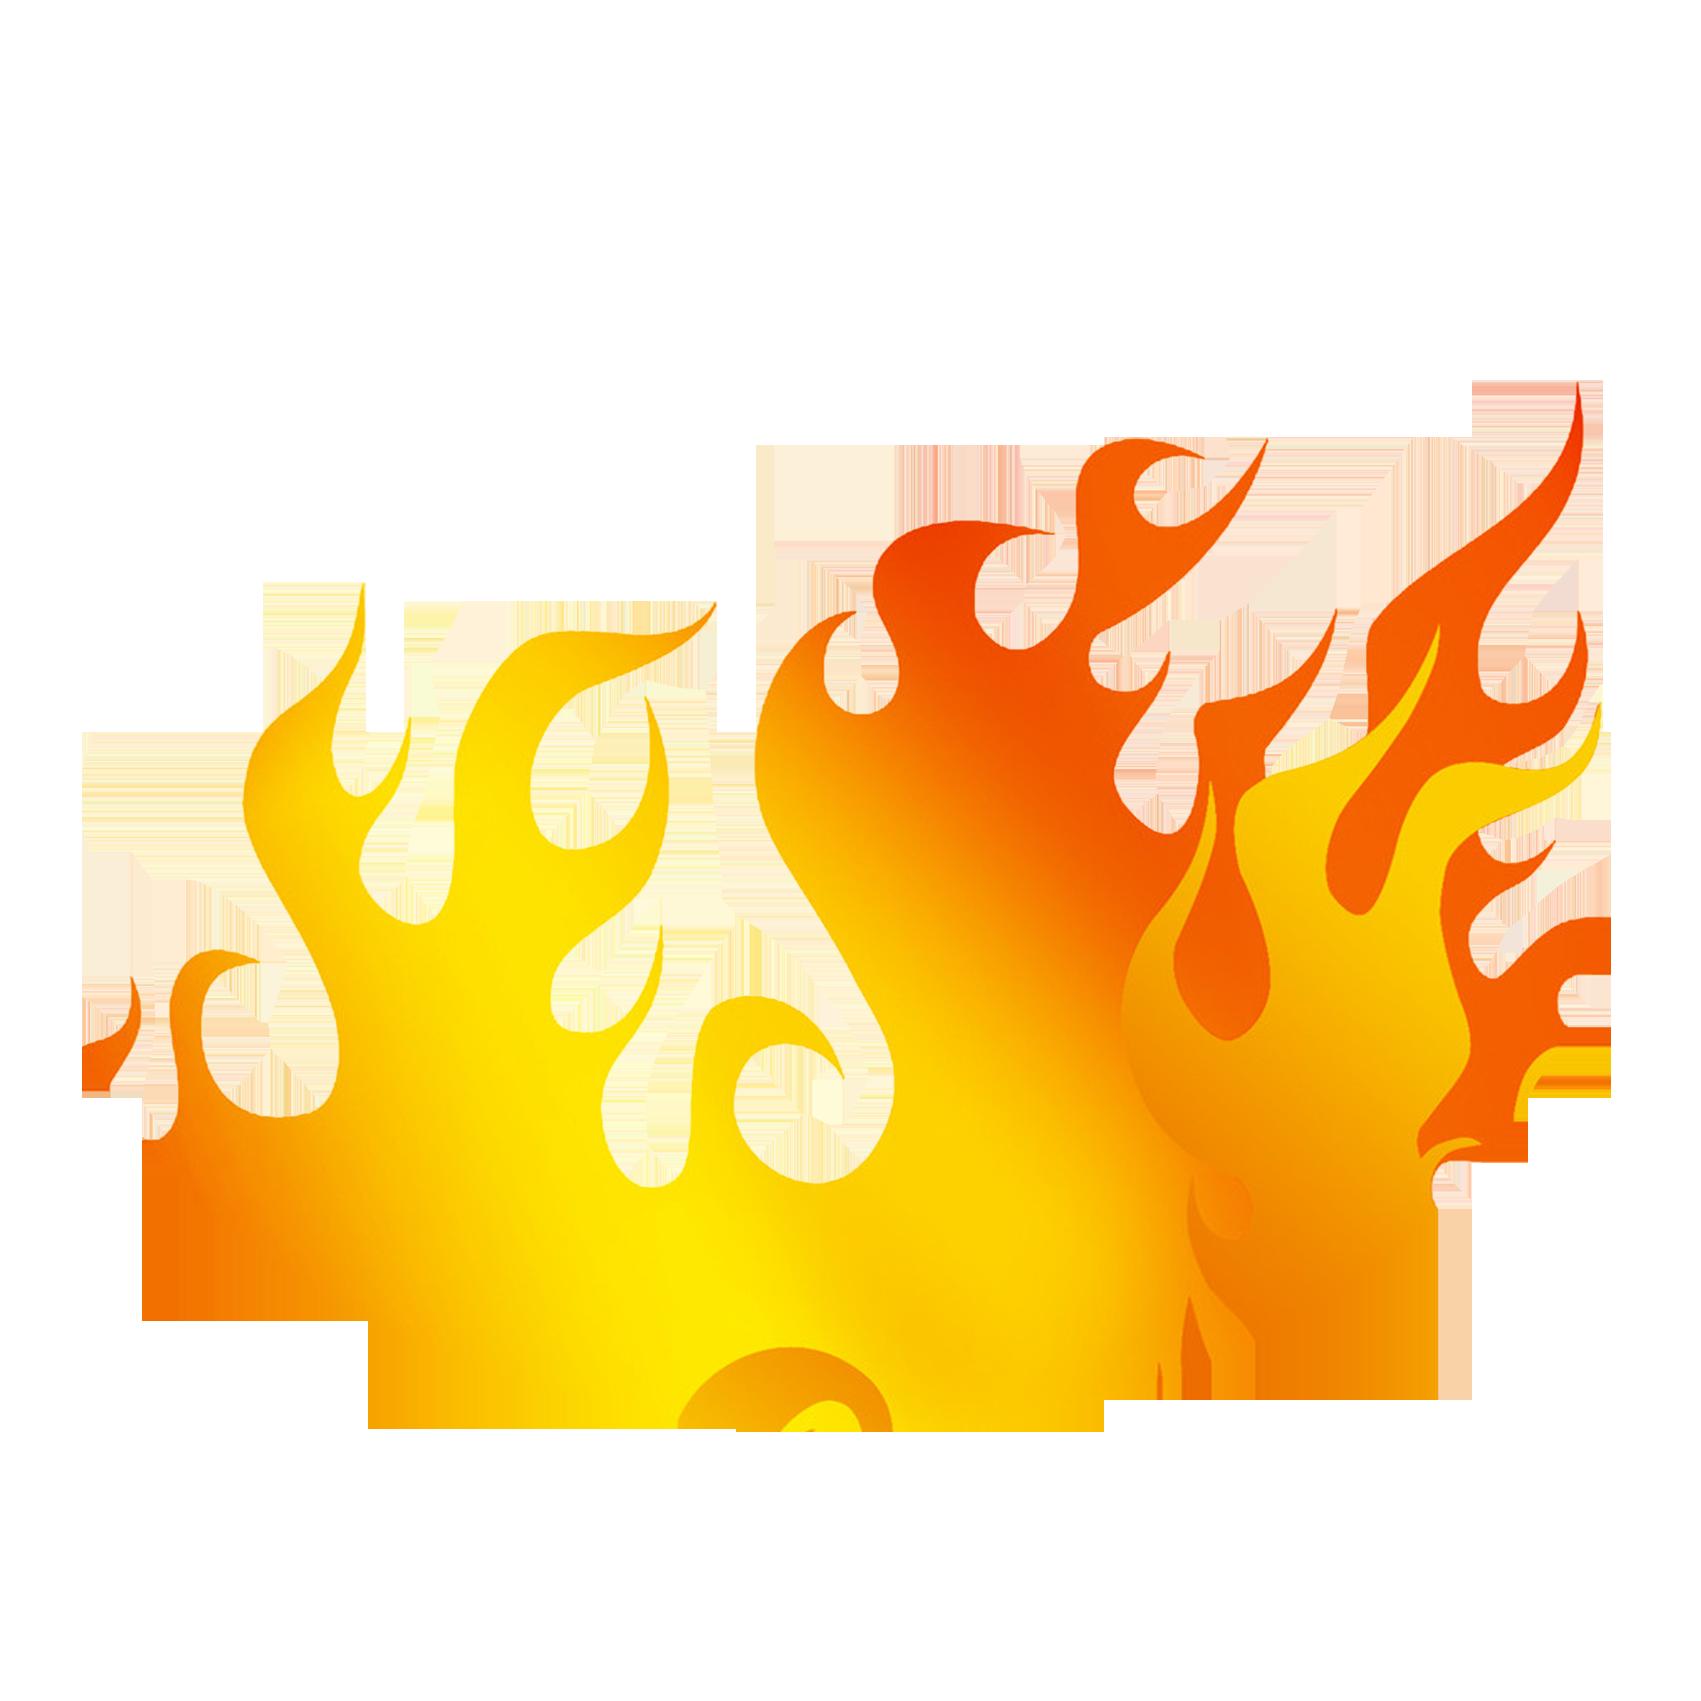 Fire conflagration clip art. Clipart flames orange flame